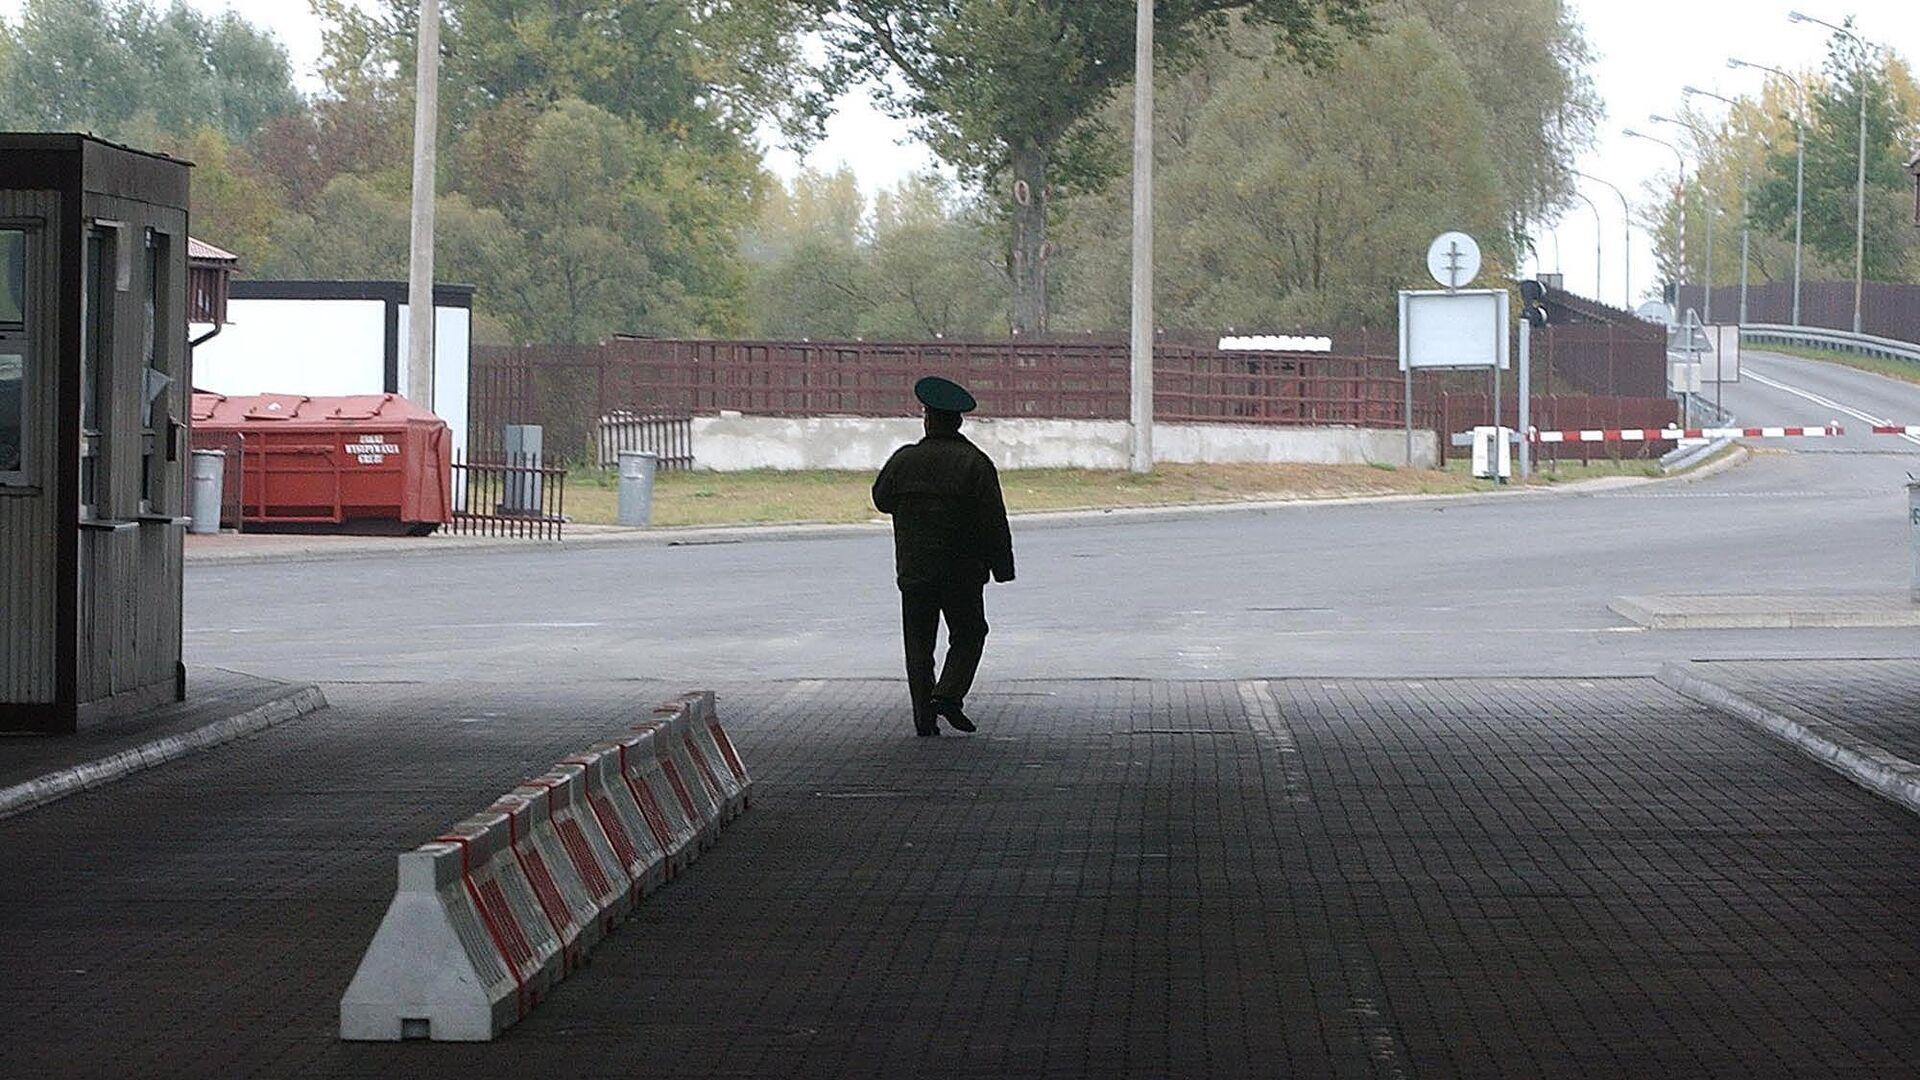 Пограничник на границе между Белоруссией и Польшей - РИА Новости, 1920, 18.09.2020